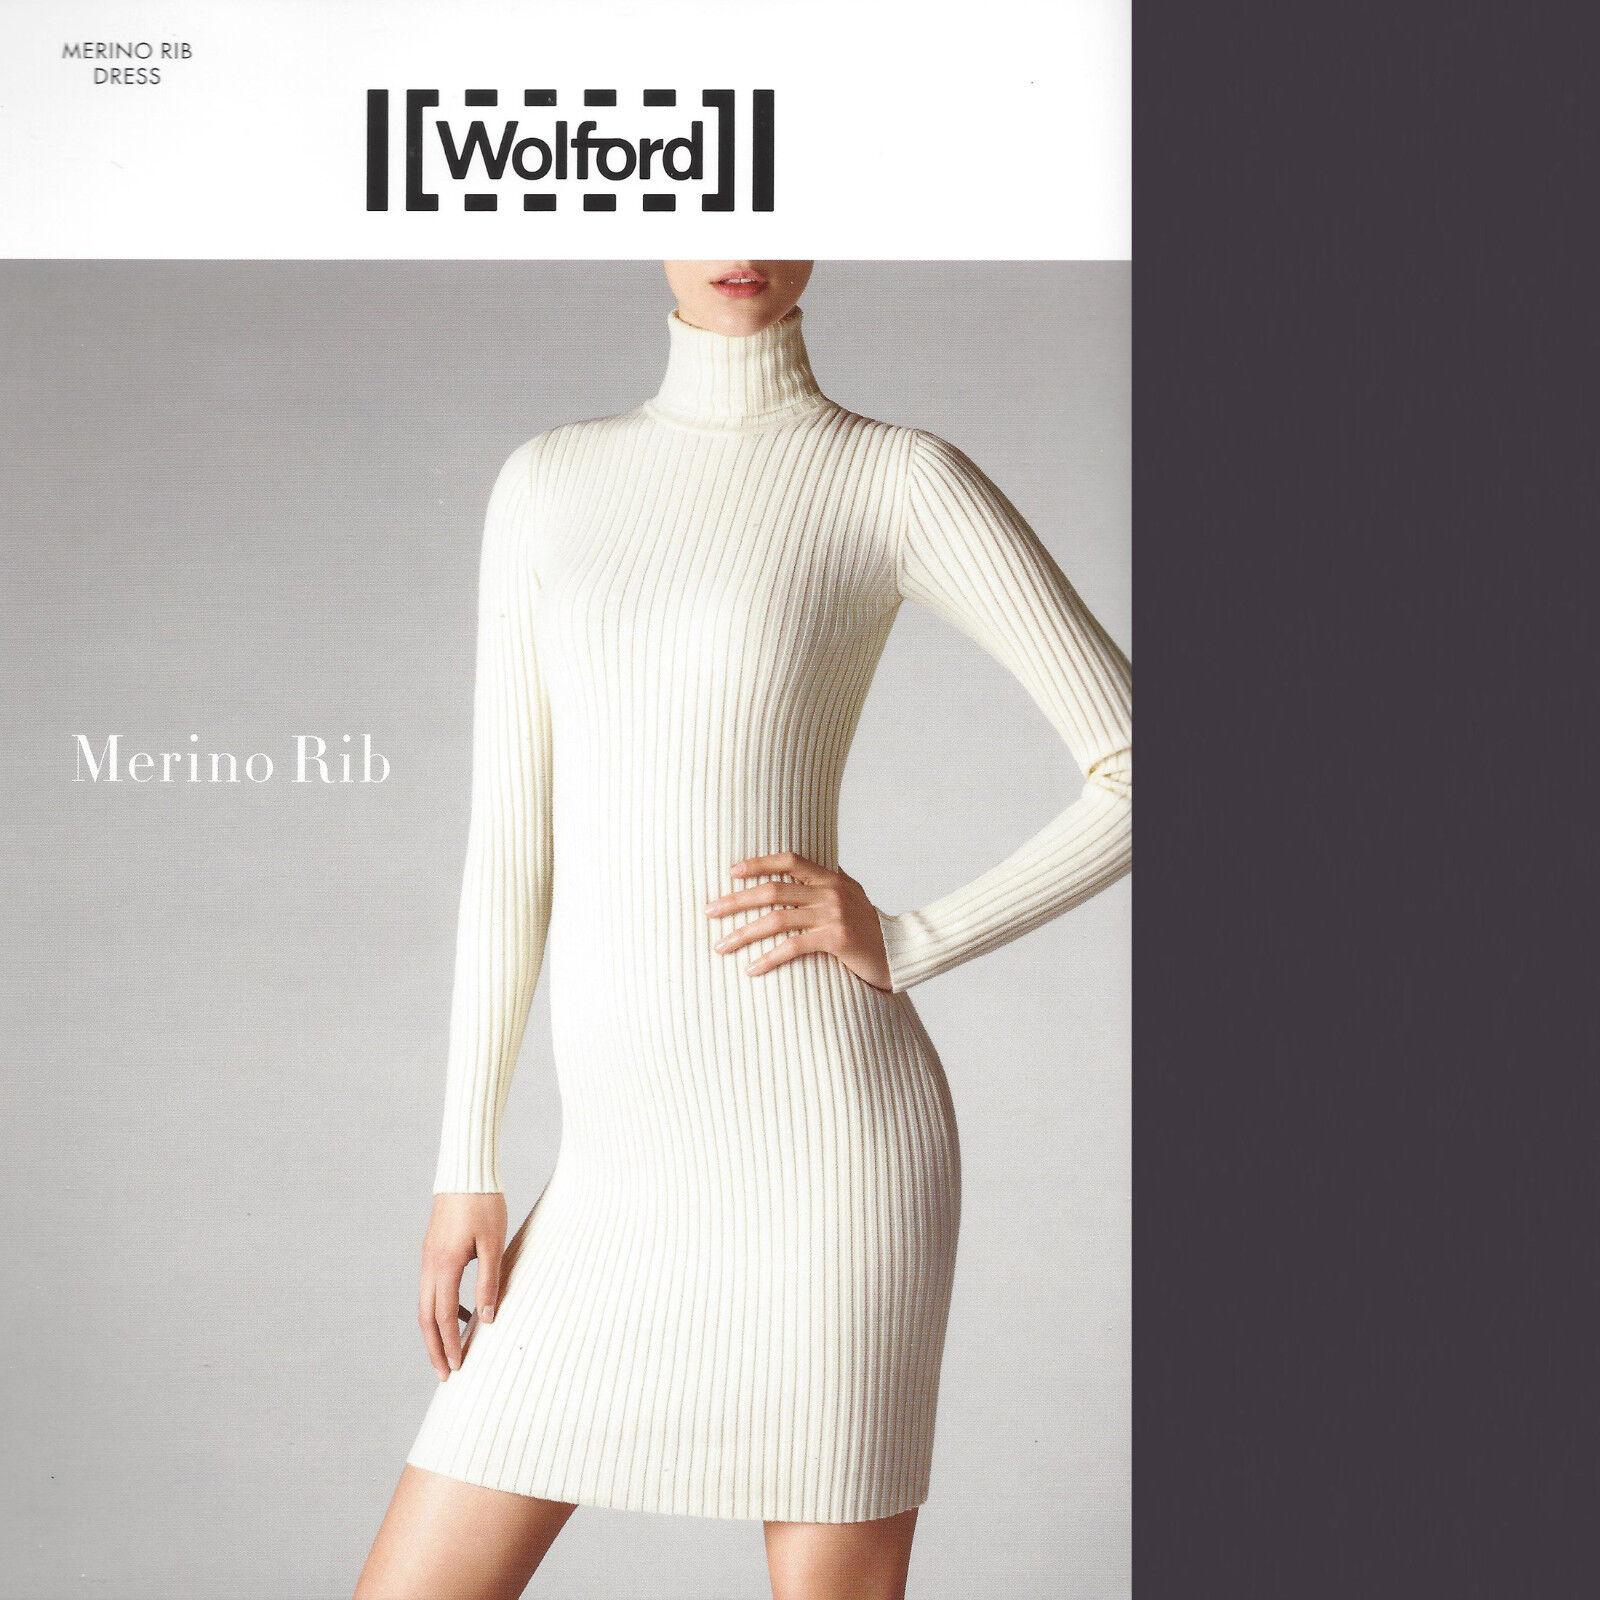 Wolford Merino Rib Dress   Kleid • M • raven  ... Herrlich weich und kuschelig